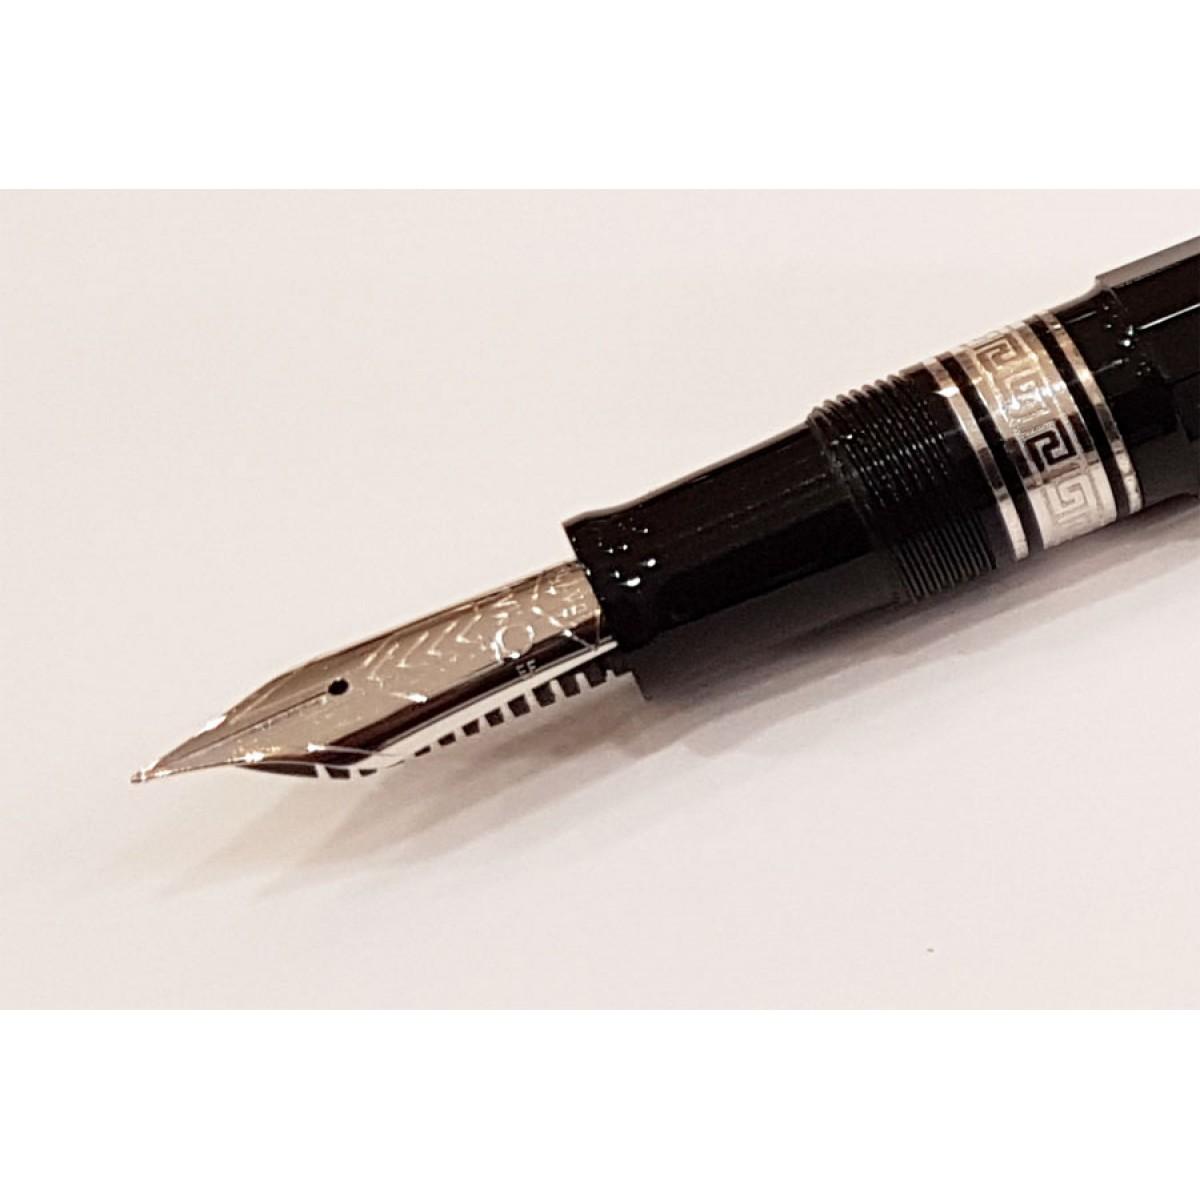 Omas - Arte Italiana - The Paragon HT - Fountain pen